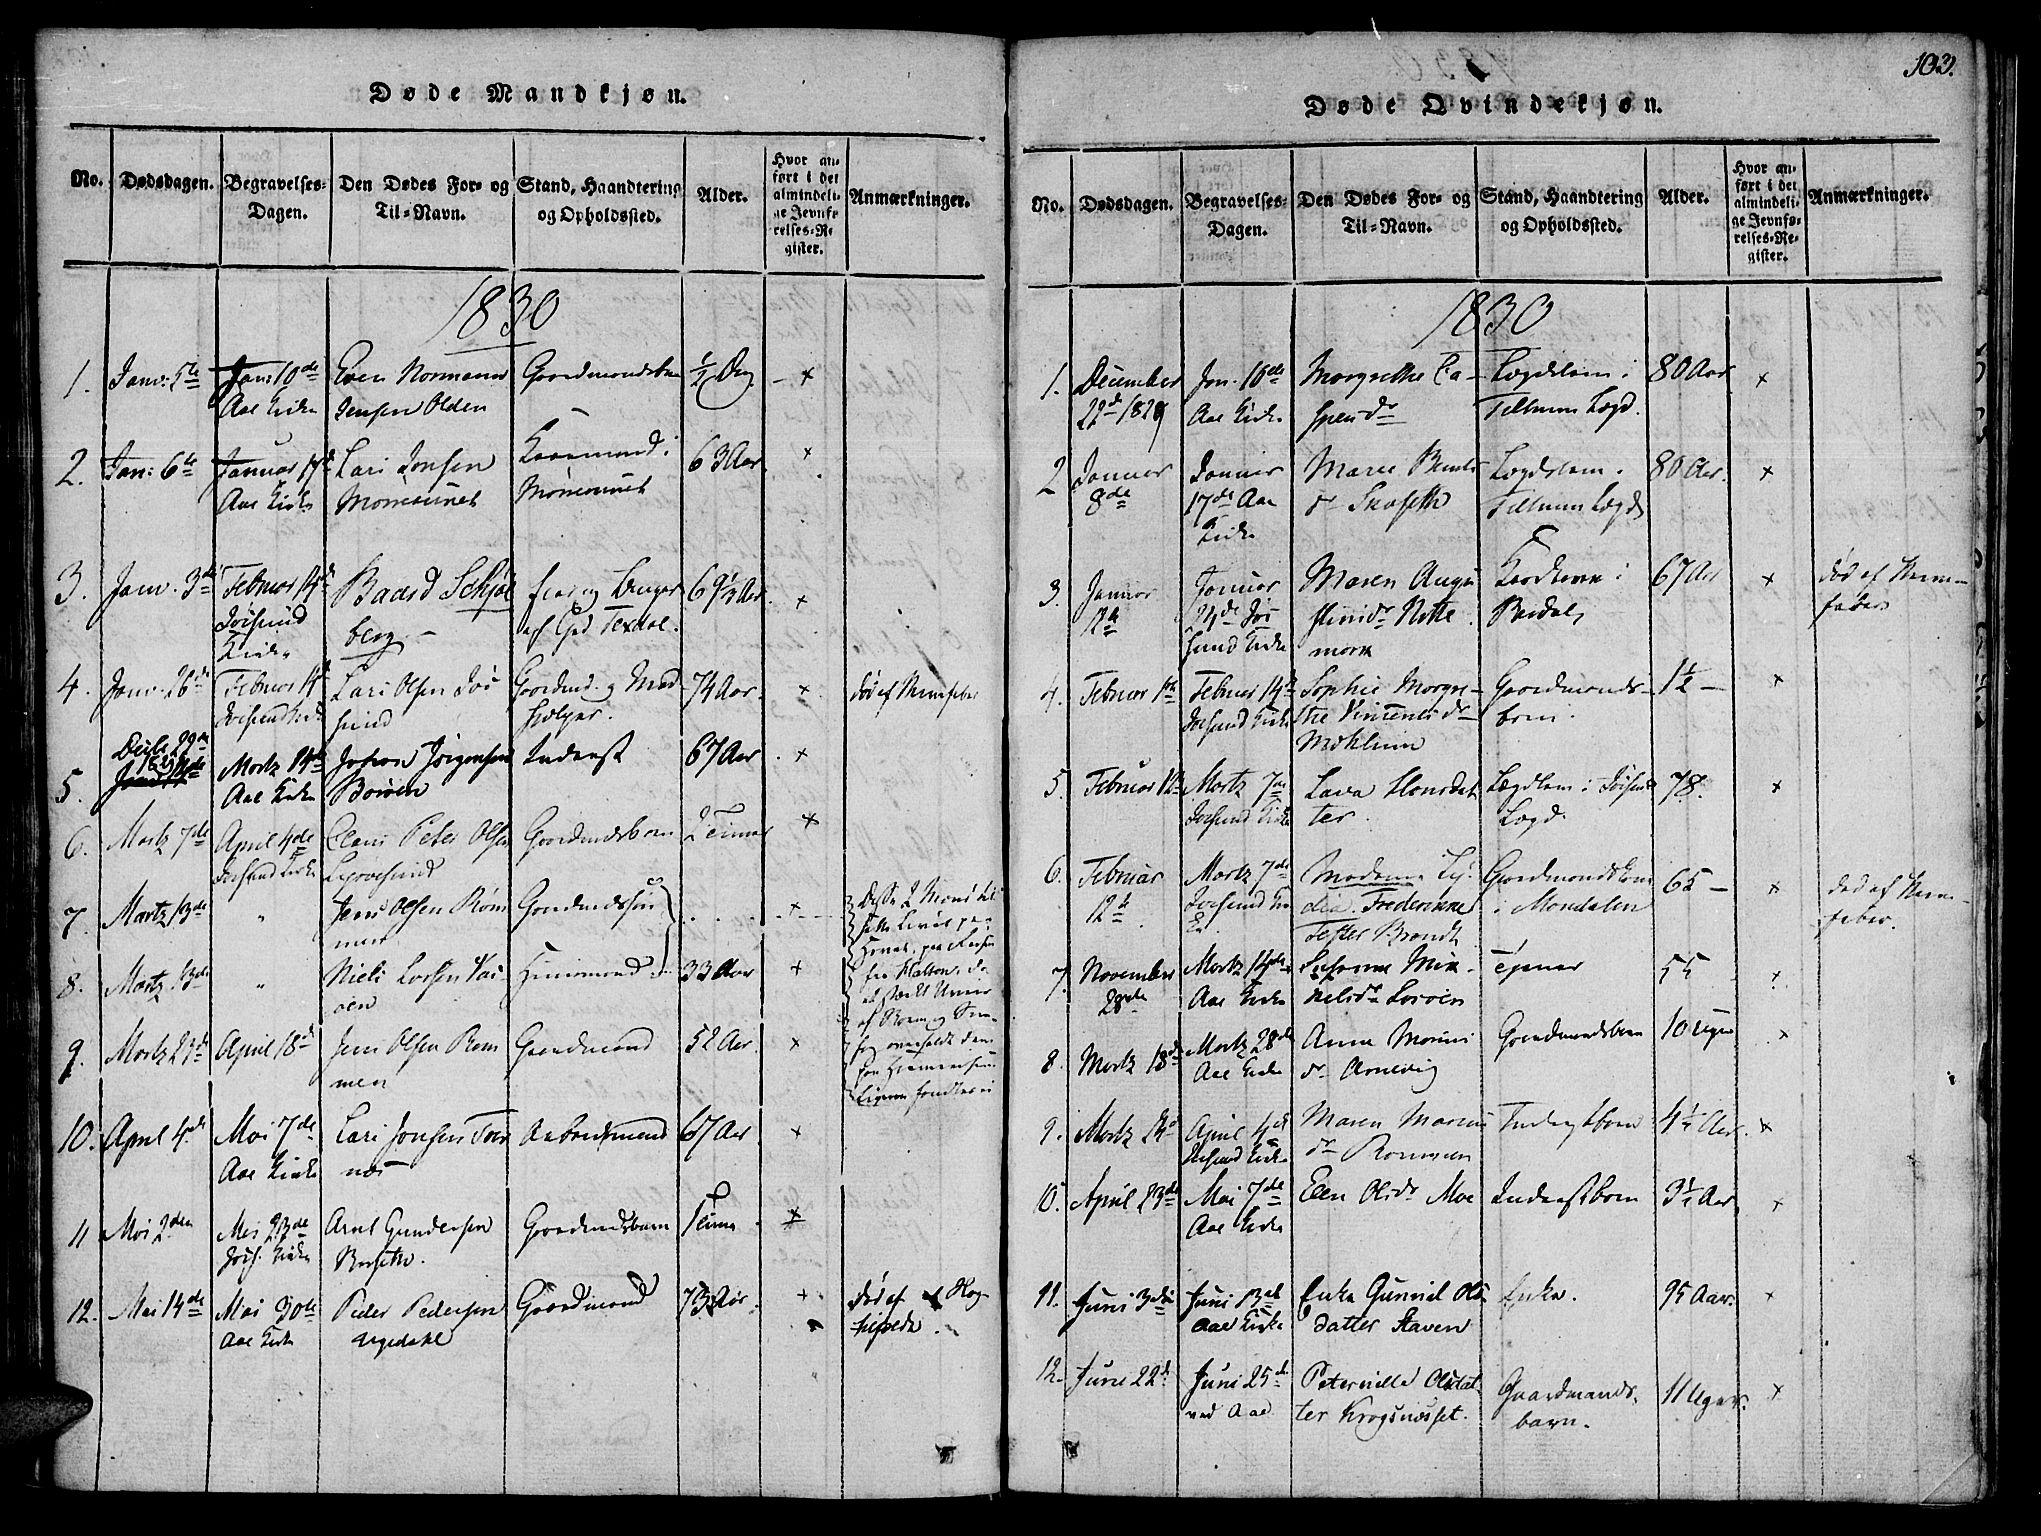 SAT, Ministerialprotokoller, klokkerbøker og fødselsregistre - Sør-Trøndelag, 655/L0675: Ministerialbok nr. 655A04, 1818-1830, s. 103